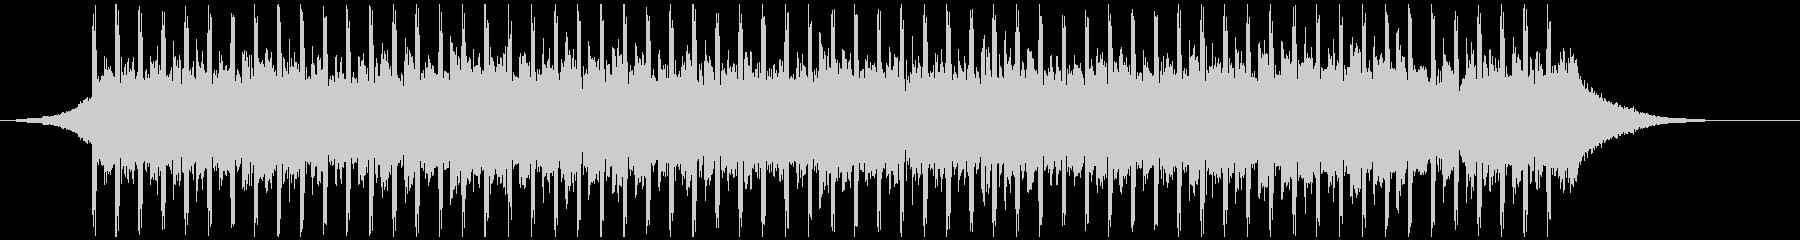 アップビートコーポレート(30秒)の未再生の波形